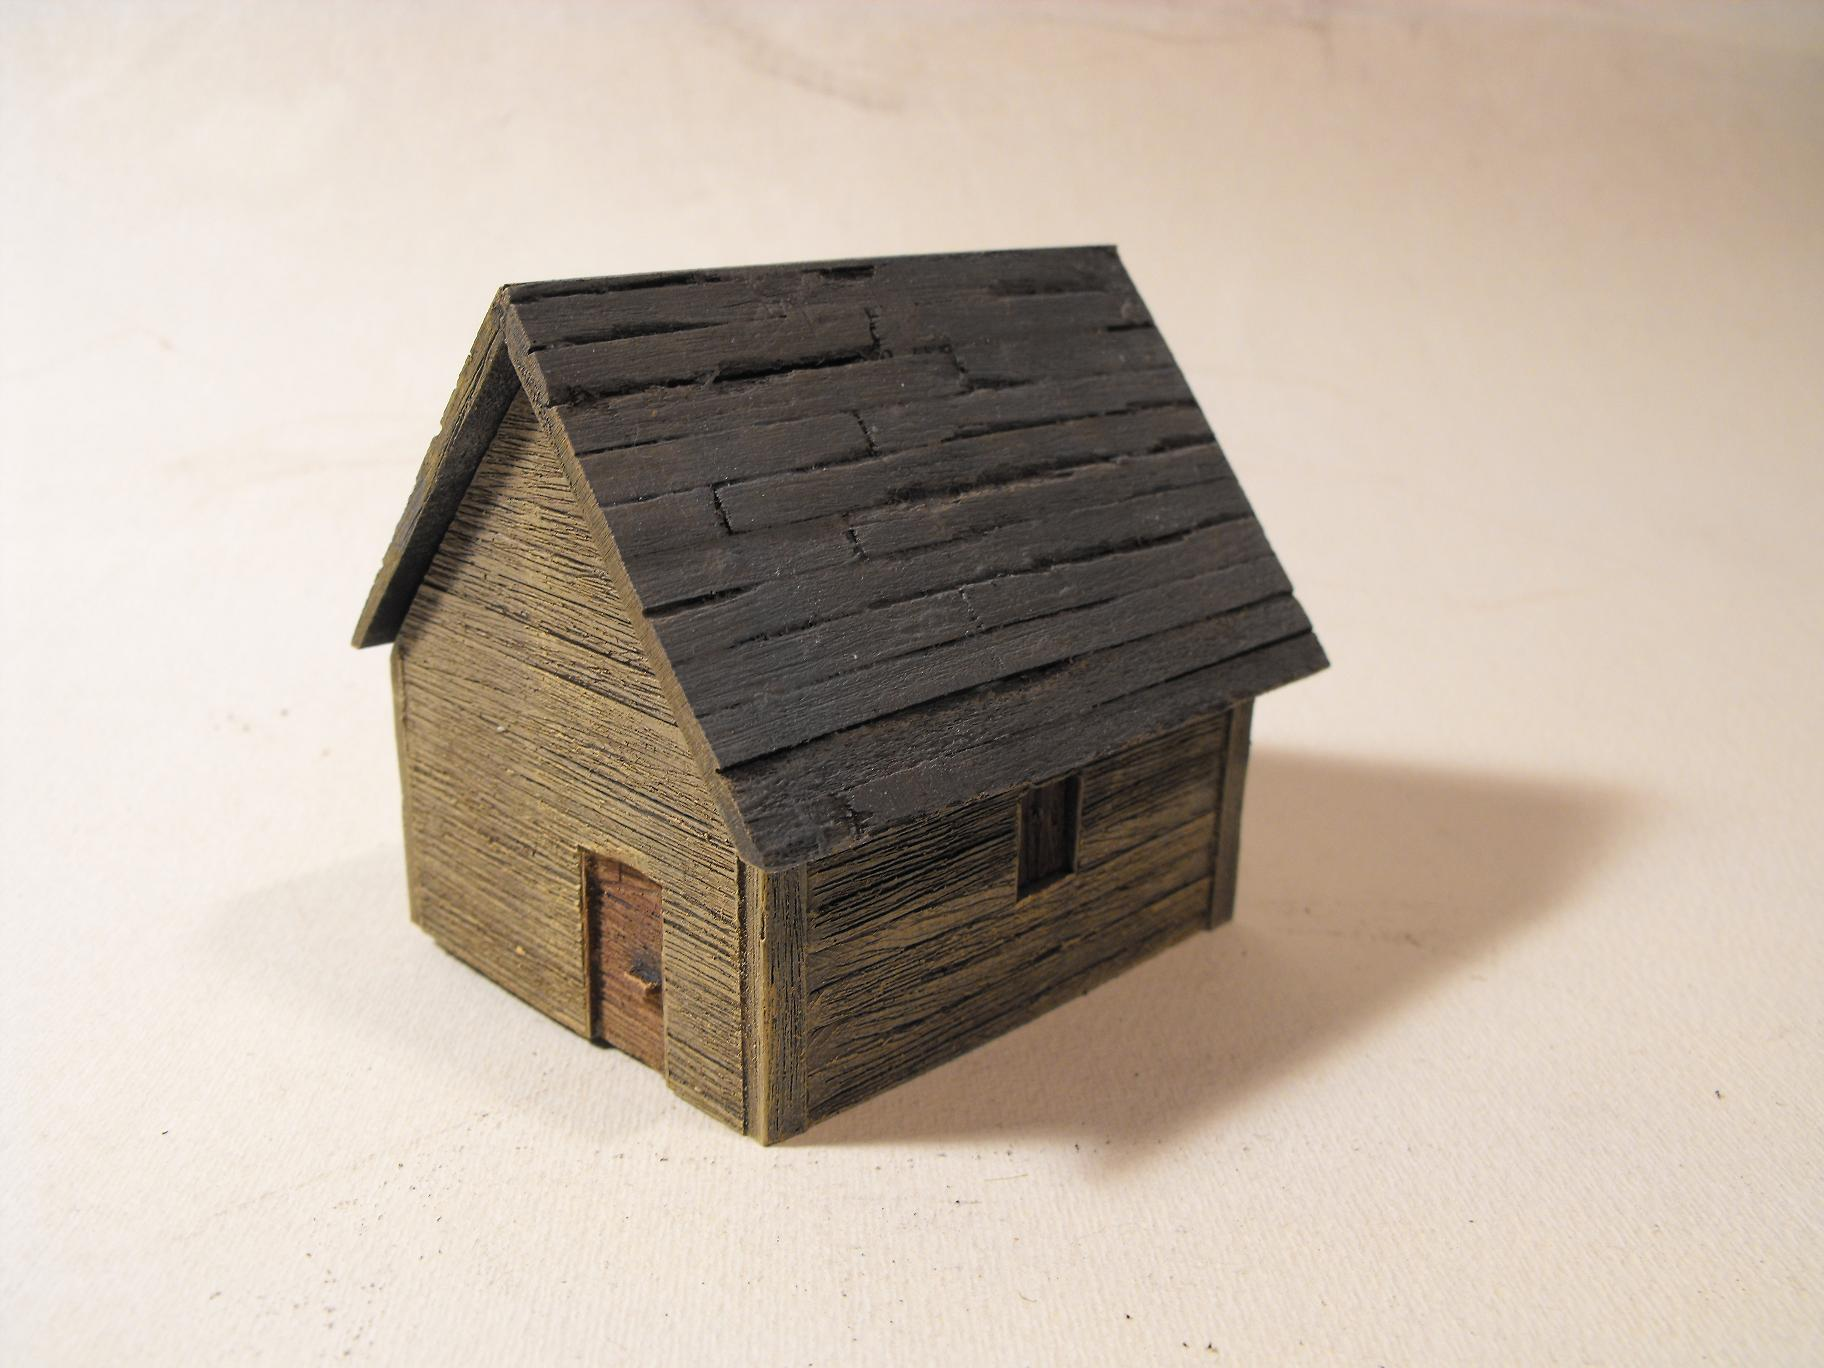 Miglior allarme gsm per casa in legno - Miglior allarme casa ...